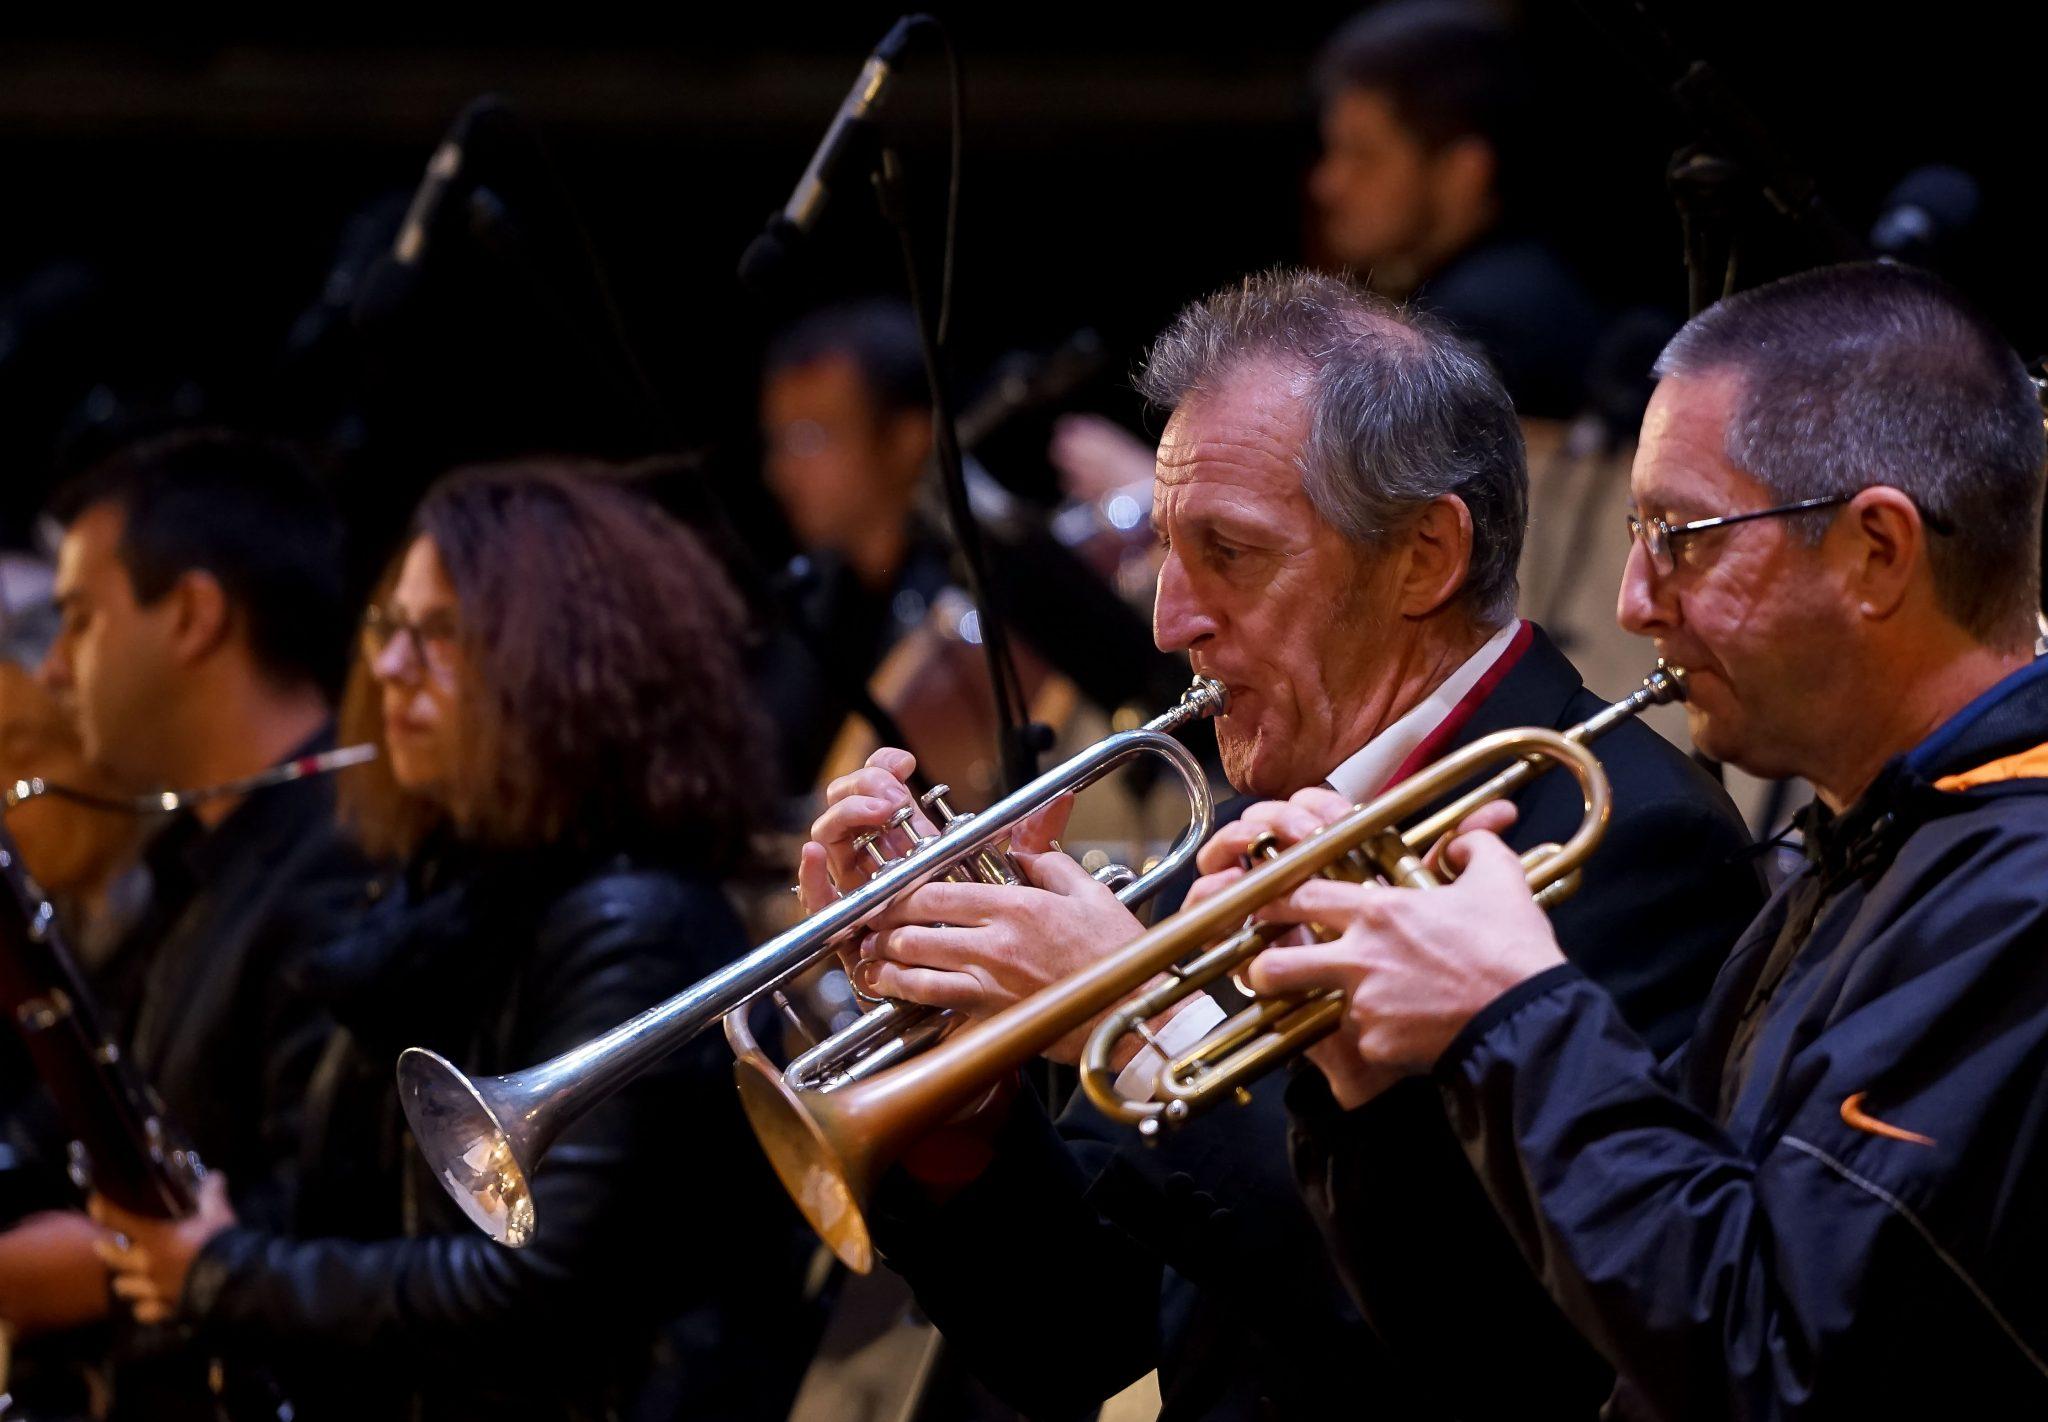 Dois homens tocam trompete em palco, de lado para o observador